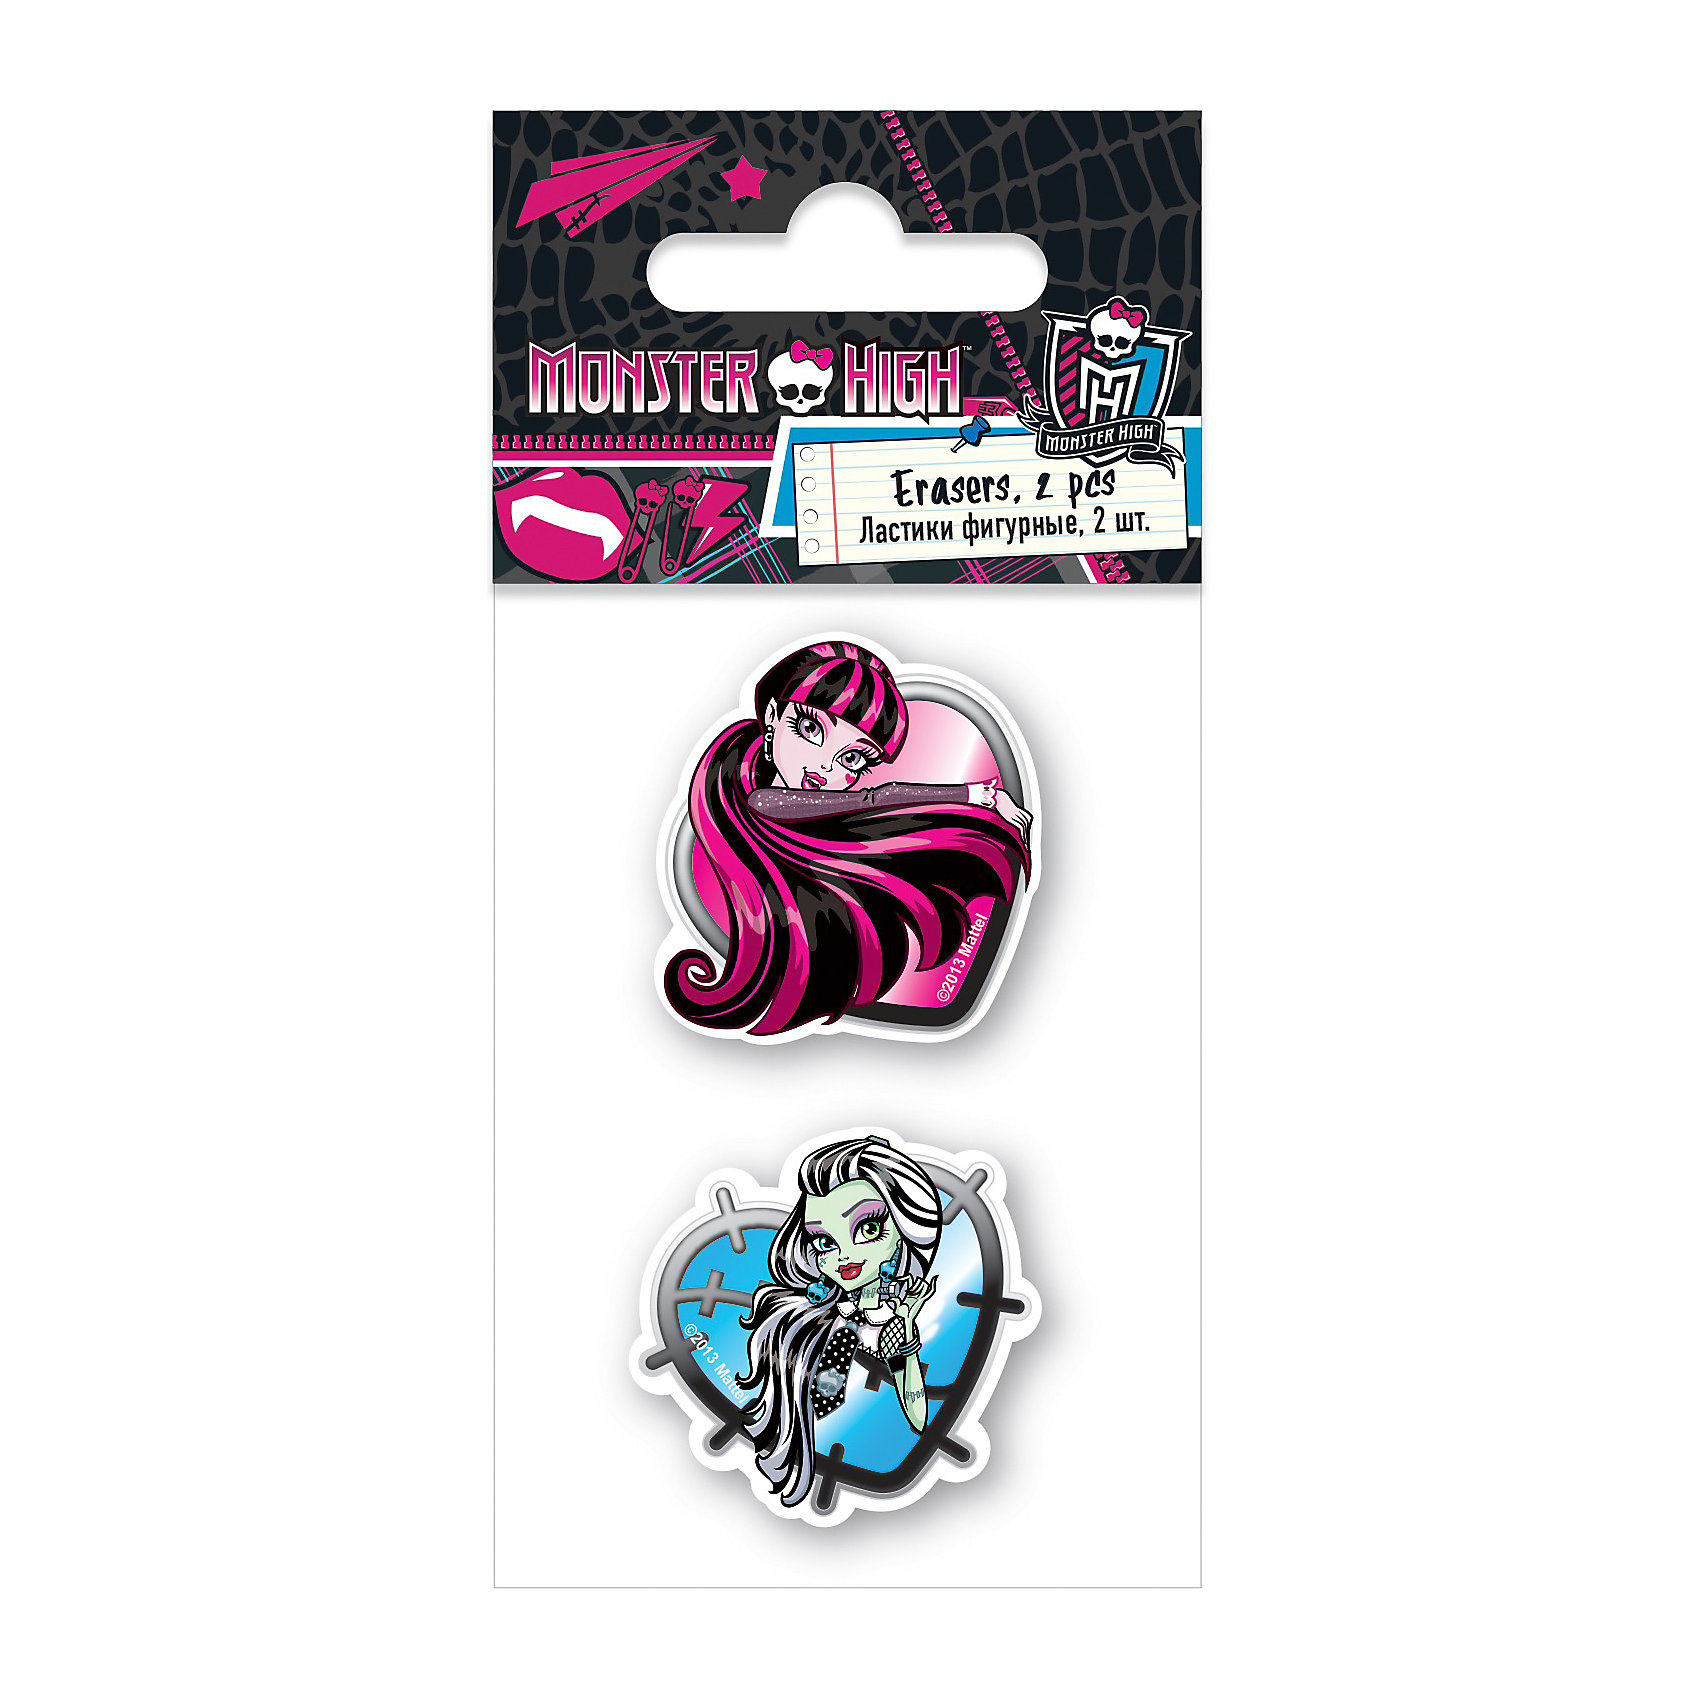 Ластики, 2 шт, Monster HighНабор из двух ластиков Monster High (Школа Монстров) станет замечательным дополнением к другим канцелярским принадлежностям бренда Monster High. Ластики выполнены в оригинальном дизайне с изображениями героинь мультсериала Школа монстров.<br><br>Дополнительная информация:<br><br>- Размер упаковки: 1 х 7 х 4 см.<br>- Вес: 30 гр.<br><br>Ластики Monster High можно купить в нашем интернет-магазине.<br><br>Ширина мм: 130<br>Глубина мм: 60<br>Высота мм: 10<br>Вес г: 30<br>Возраст от месяцев: 120<br>Возраст до месяцев: 144<br>Пол: Женский<br>Возраст: Детский<br>SKU: 3563223